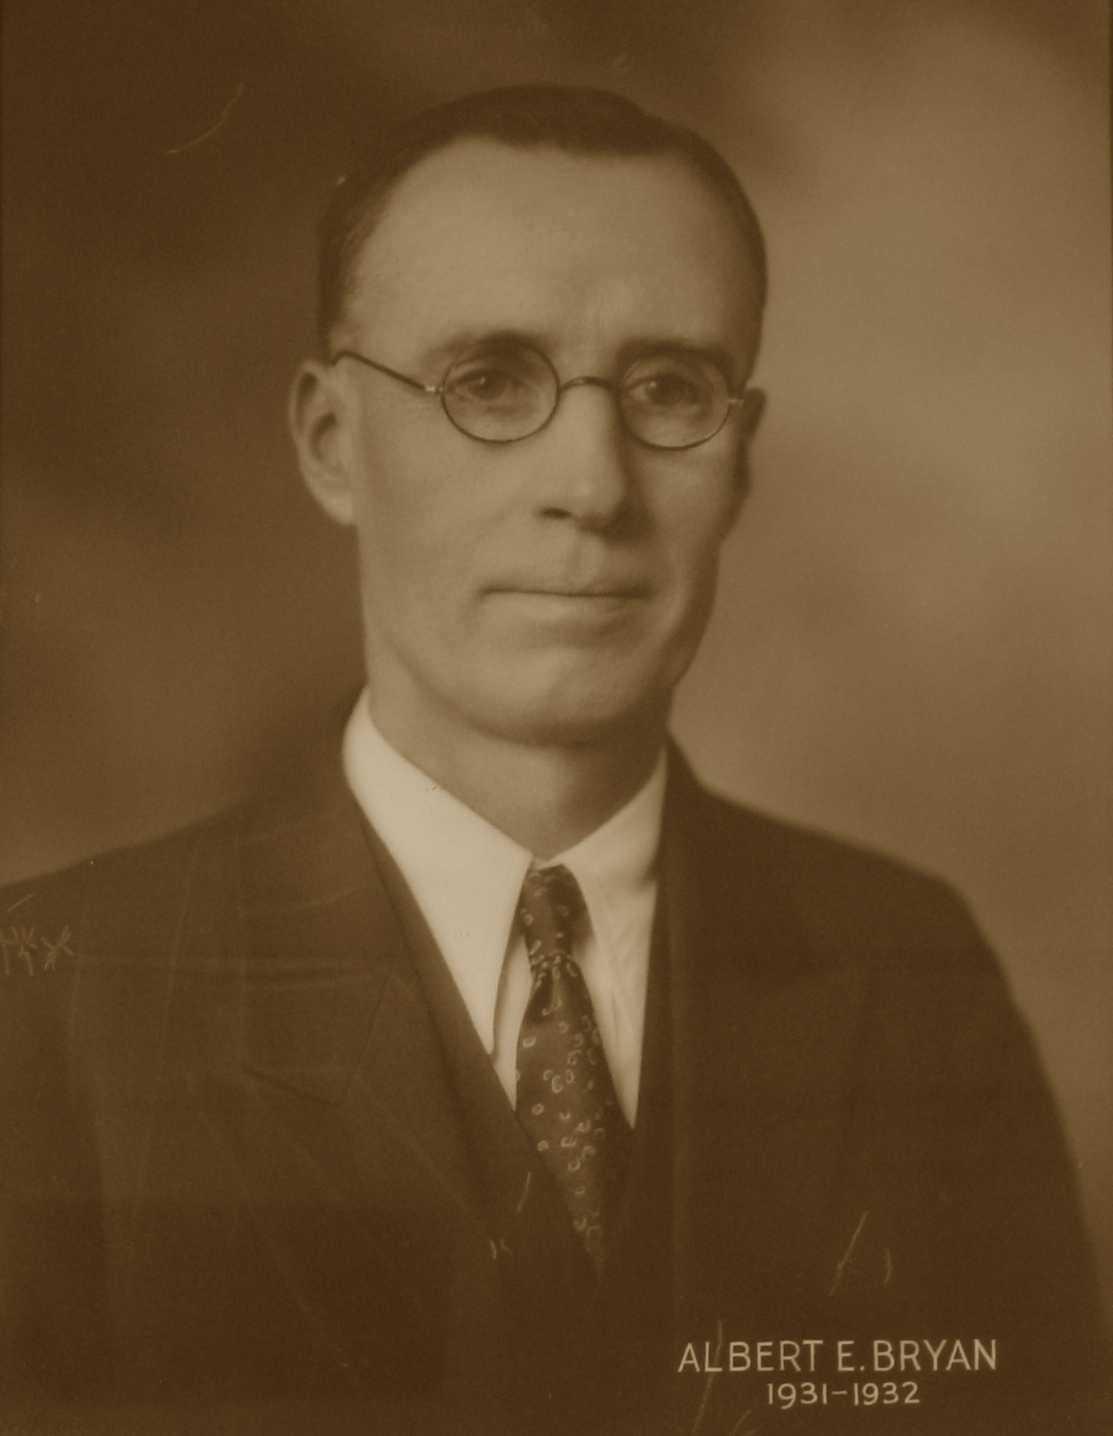 Albert E. Bryan, 1931-1932